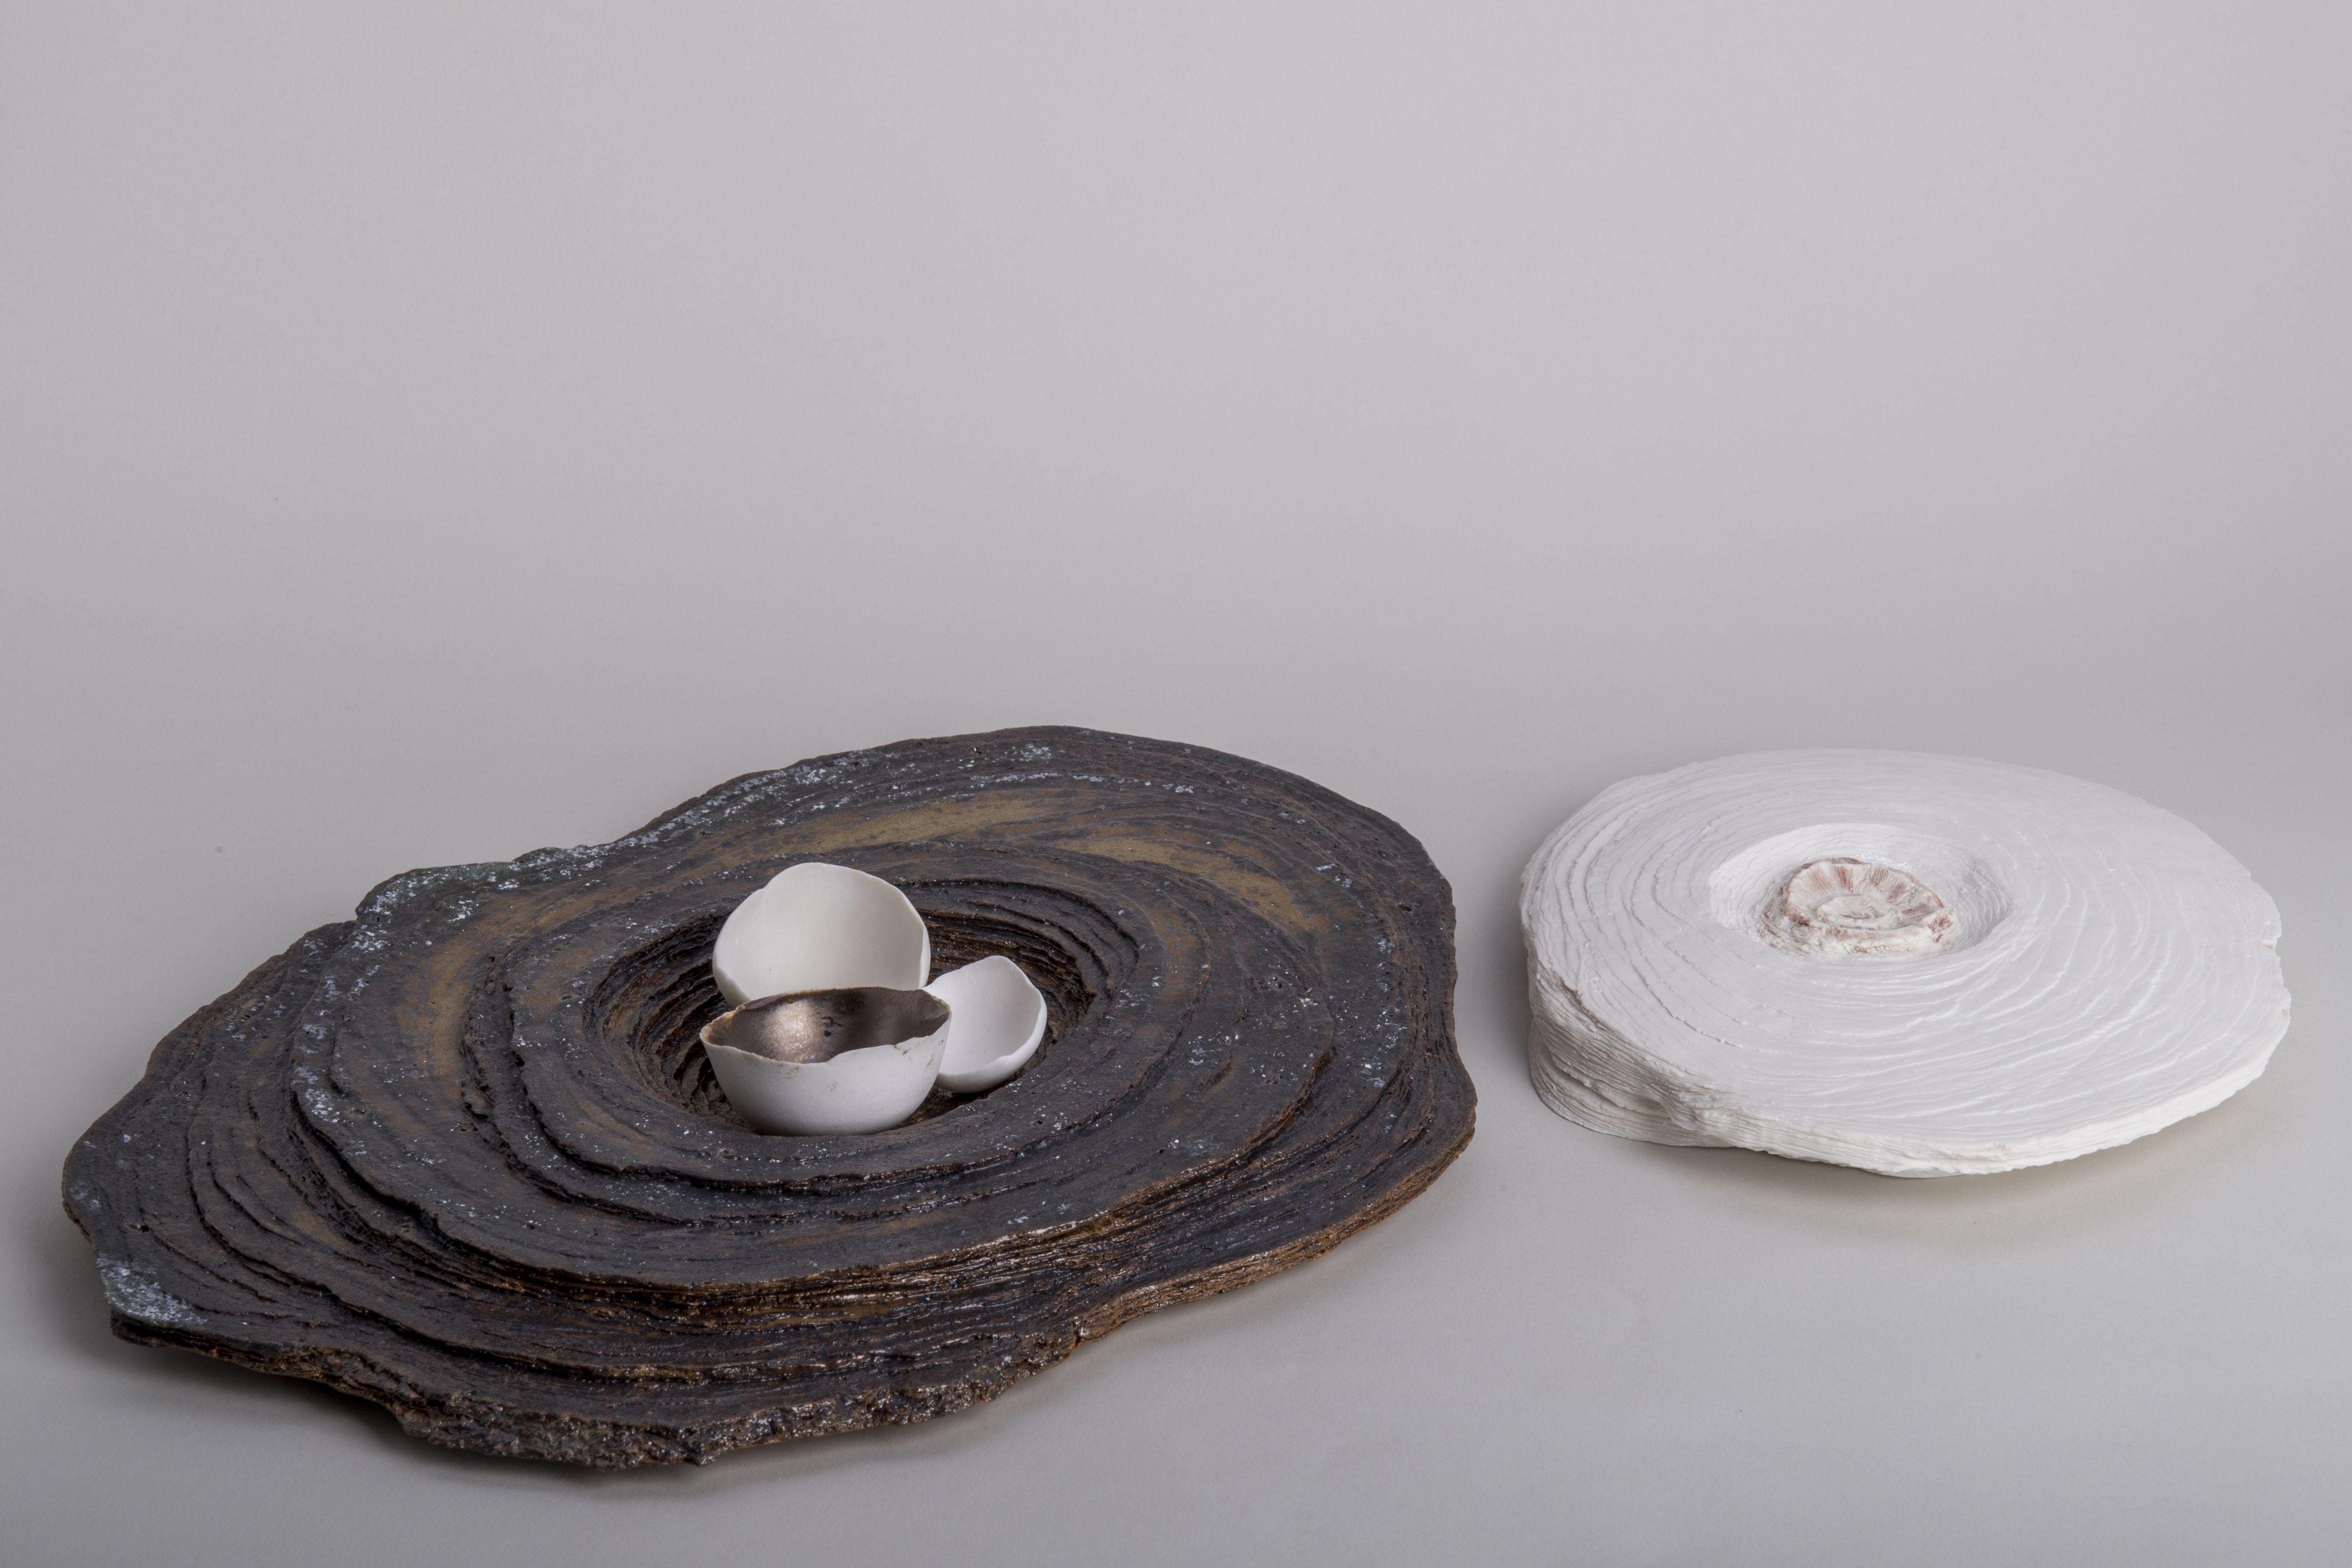 Annalia Amedeo, Memoria fossile # 3 Gres autosmaltante, porcellana, smalto oro (sin), Porcellana, sali metallici (dx); Cm 45x42x31,5; 2017